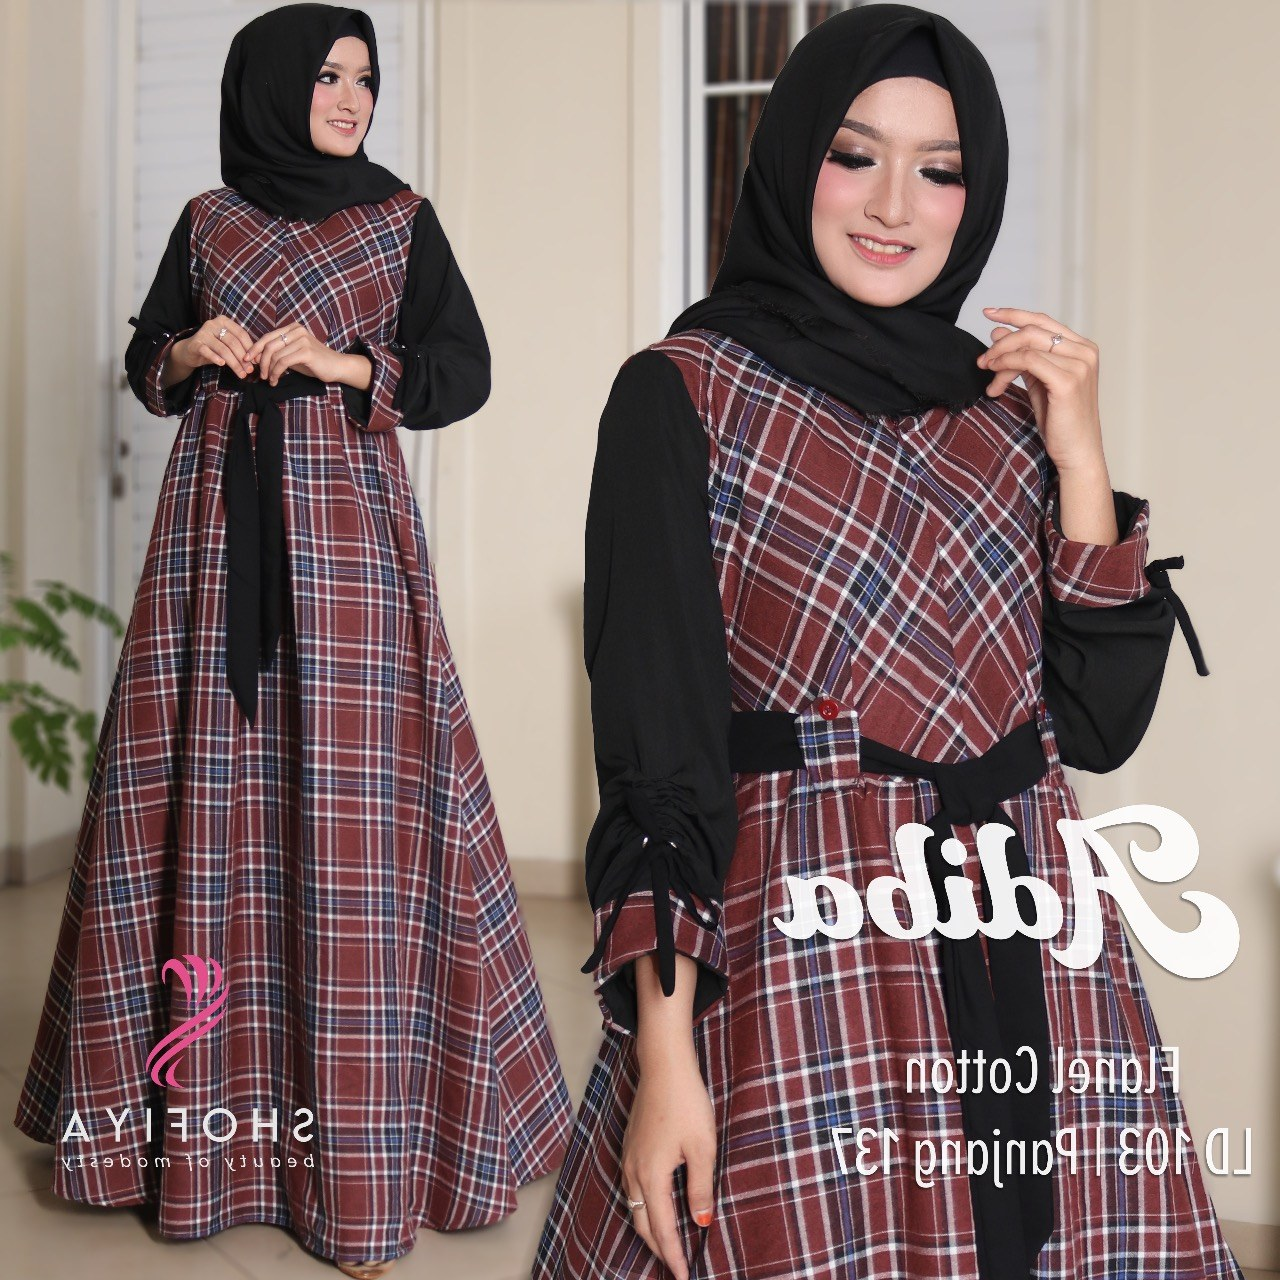 Bentuk Trend Model Baju Lebaran 2019 9fdy Baju Gamis Terbaru Lebaran Wa 0811 5131 482